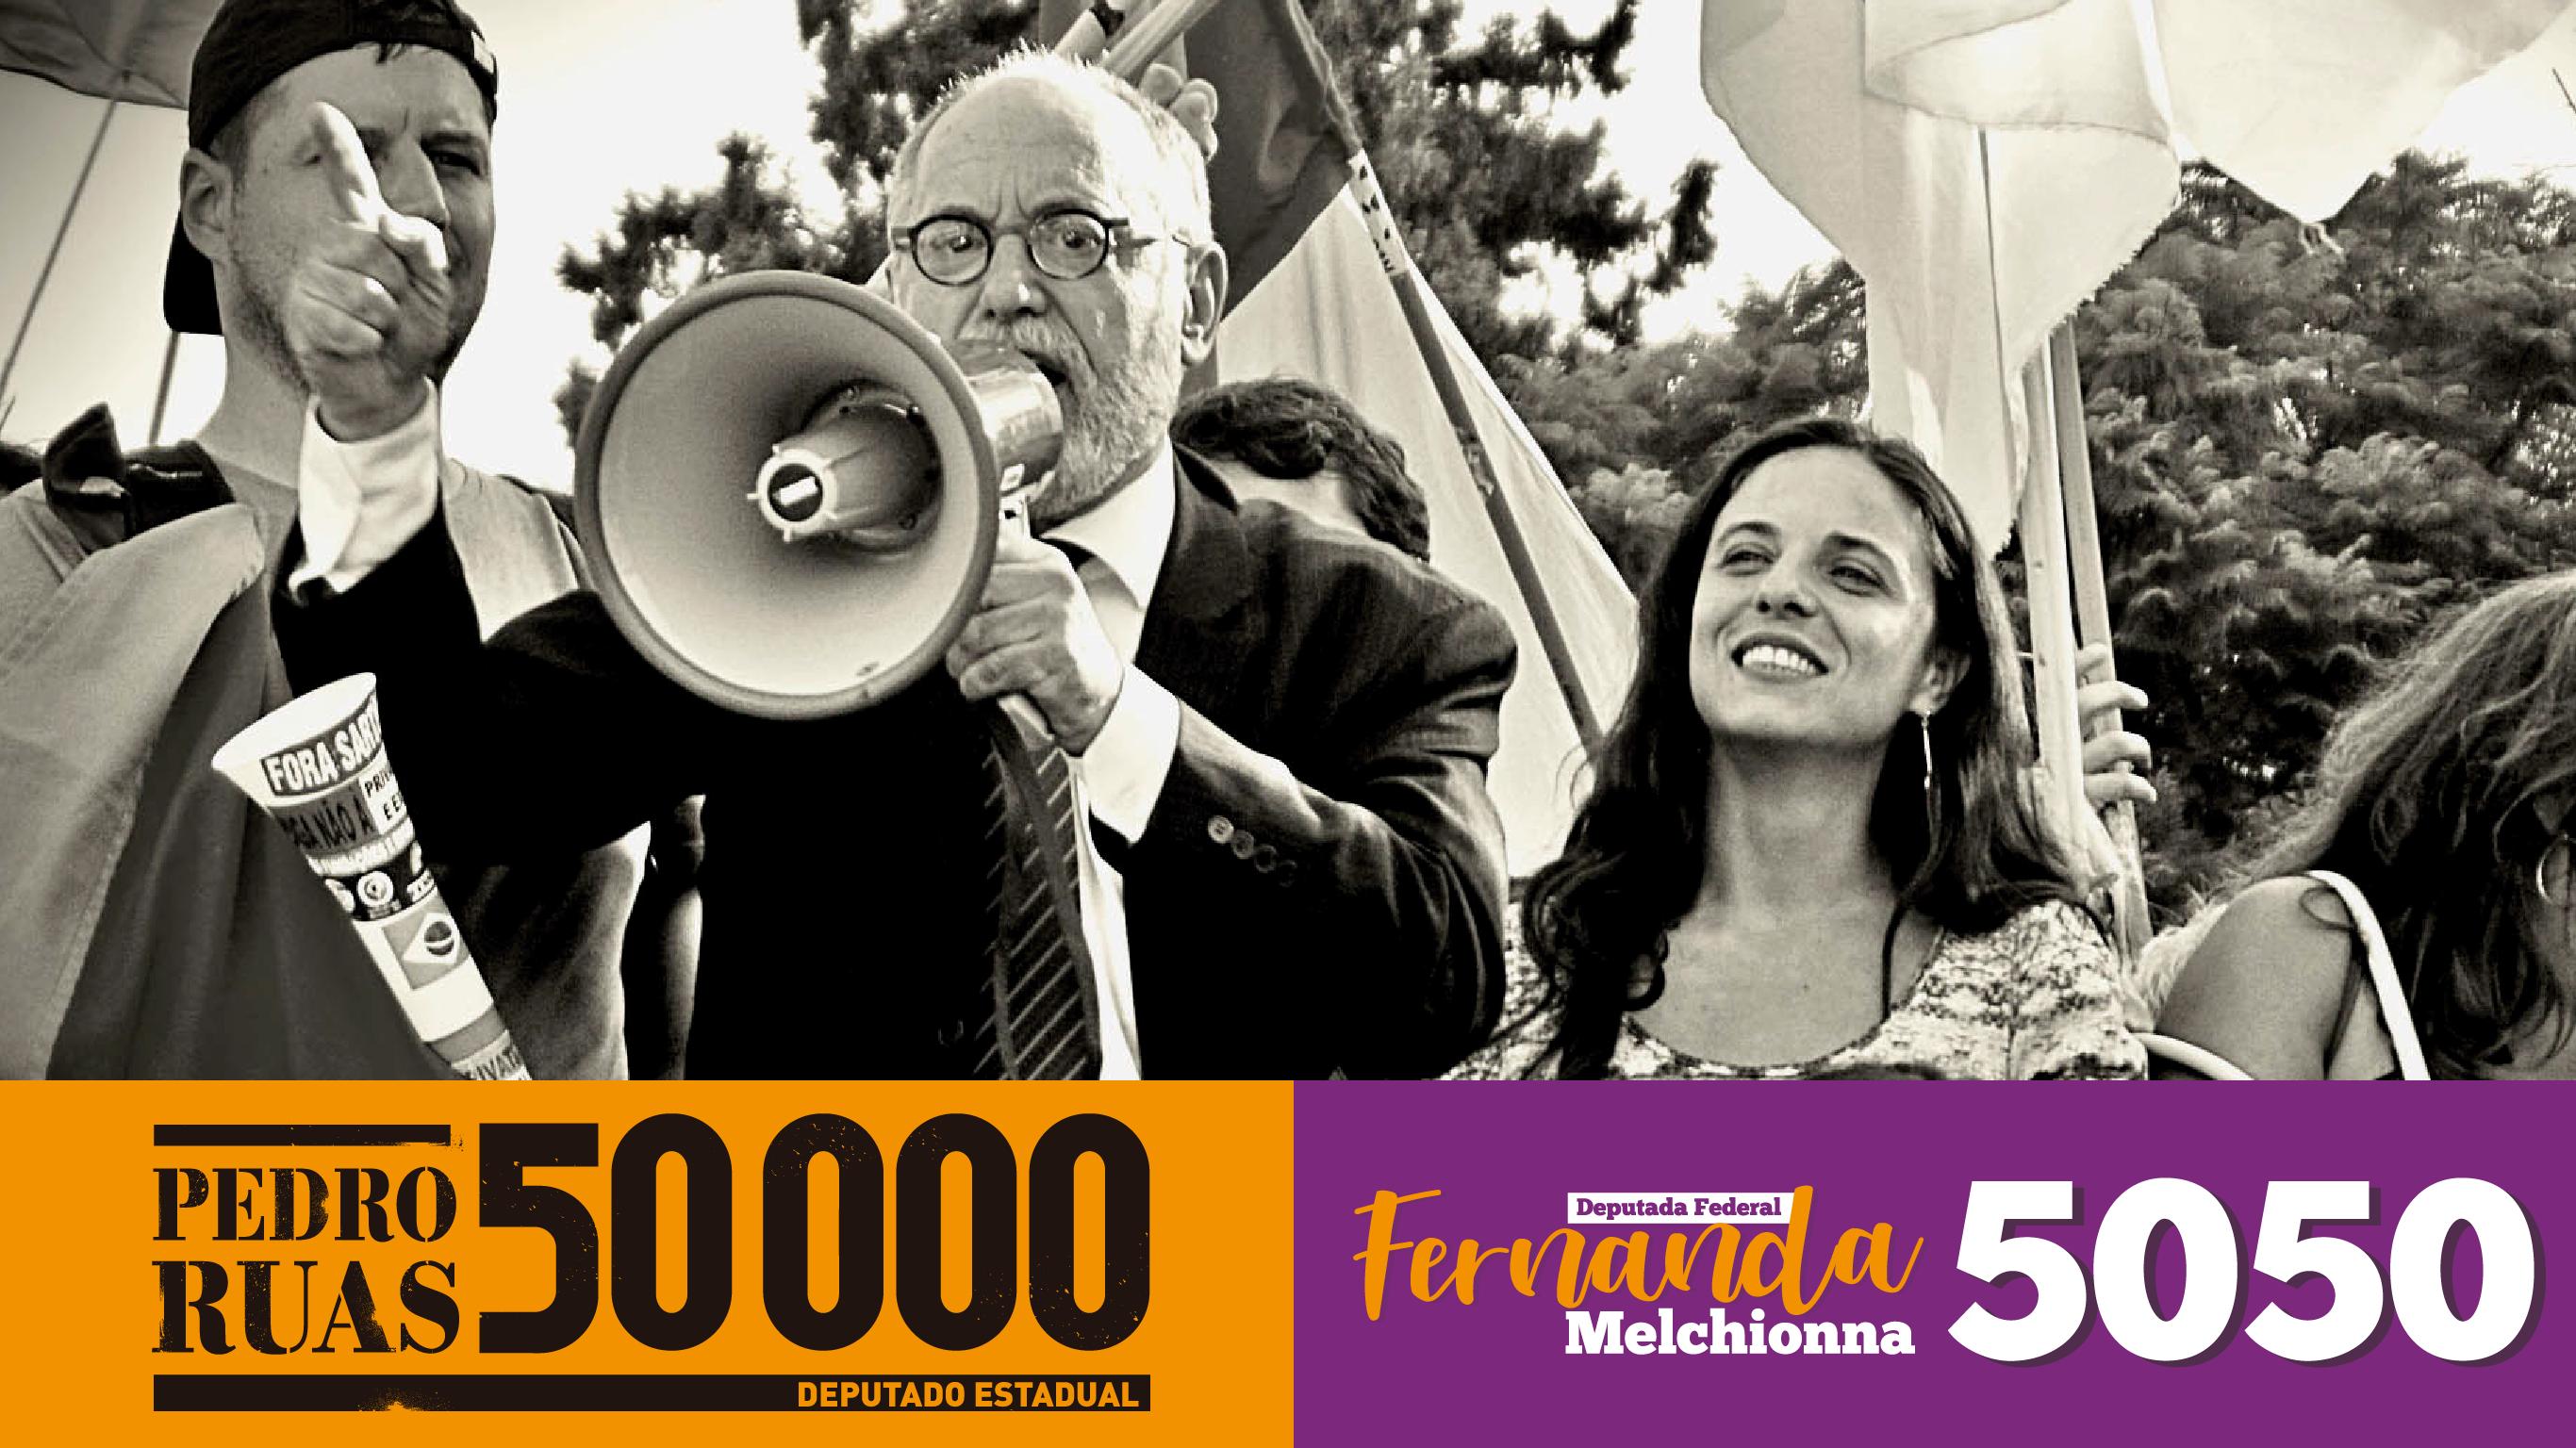 Fernanda e Ruas: agora dá pra votar nos dois!